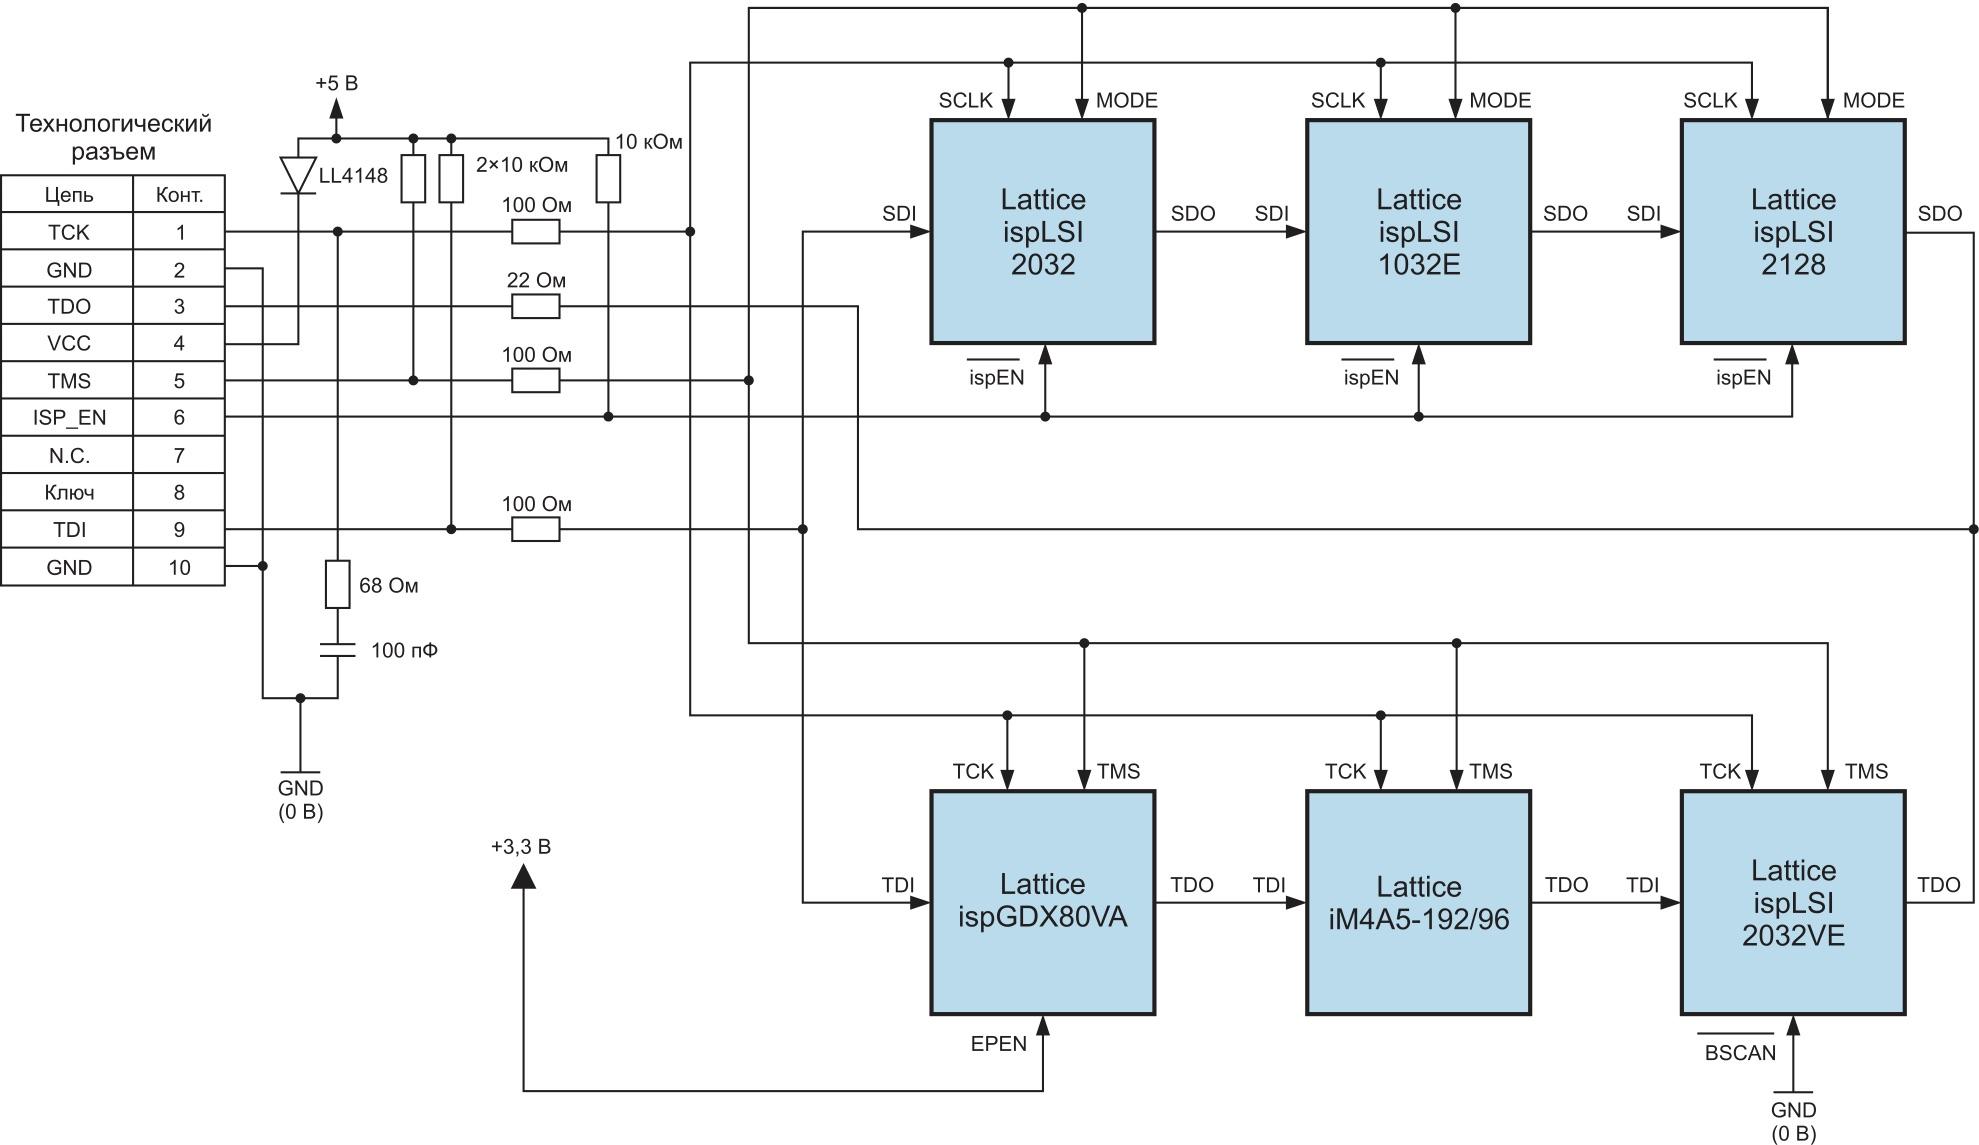 Схема объединения микросхем корпорации Lattice Semiconductor в две параллельные конфигурационные цепочки